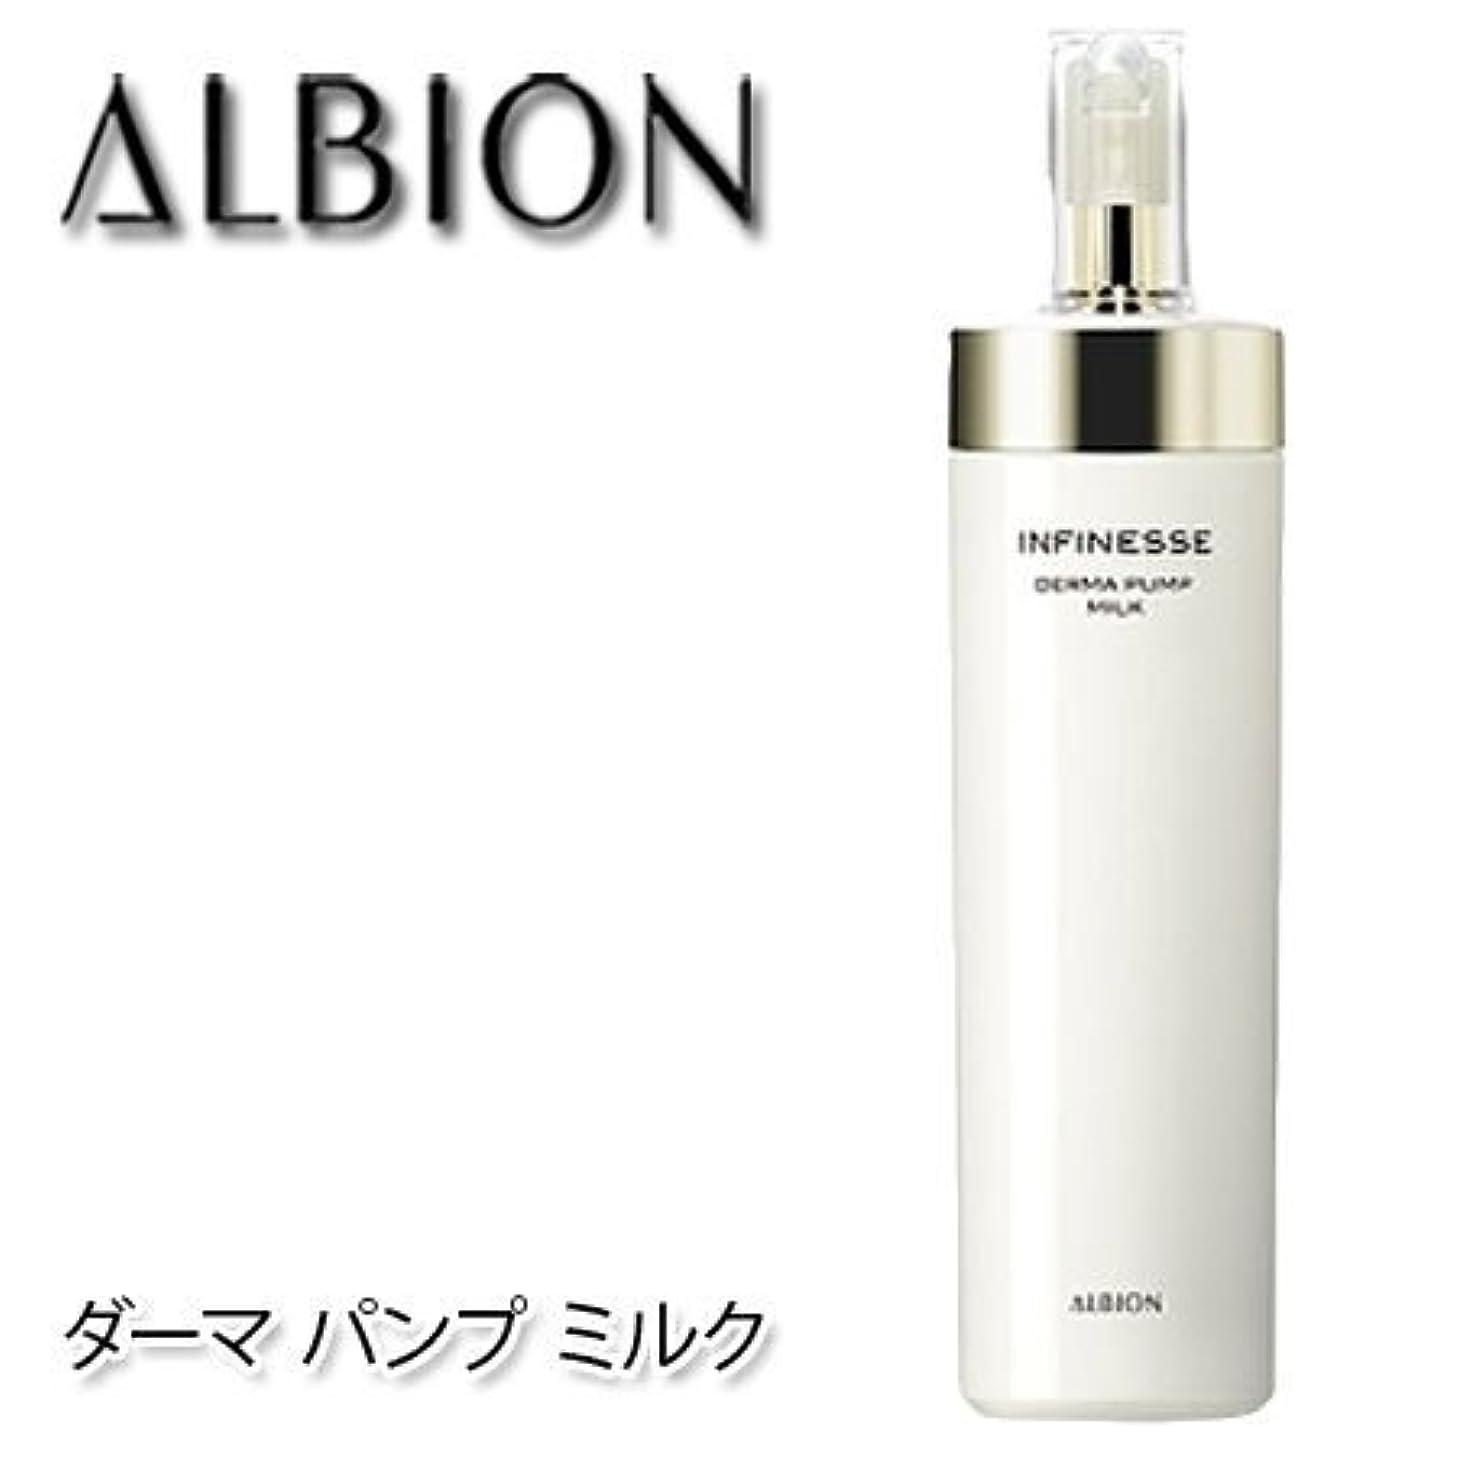 鼓舞する水素隠すアルビオン アンフィネス ダーマ パンプ ミルク 200g-ALBION-